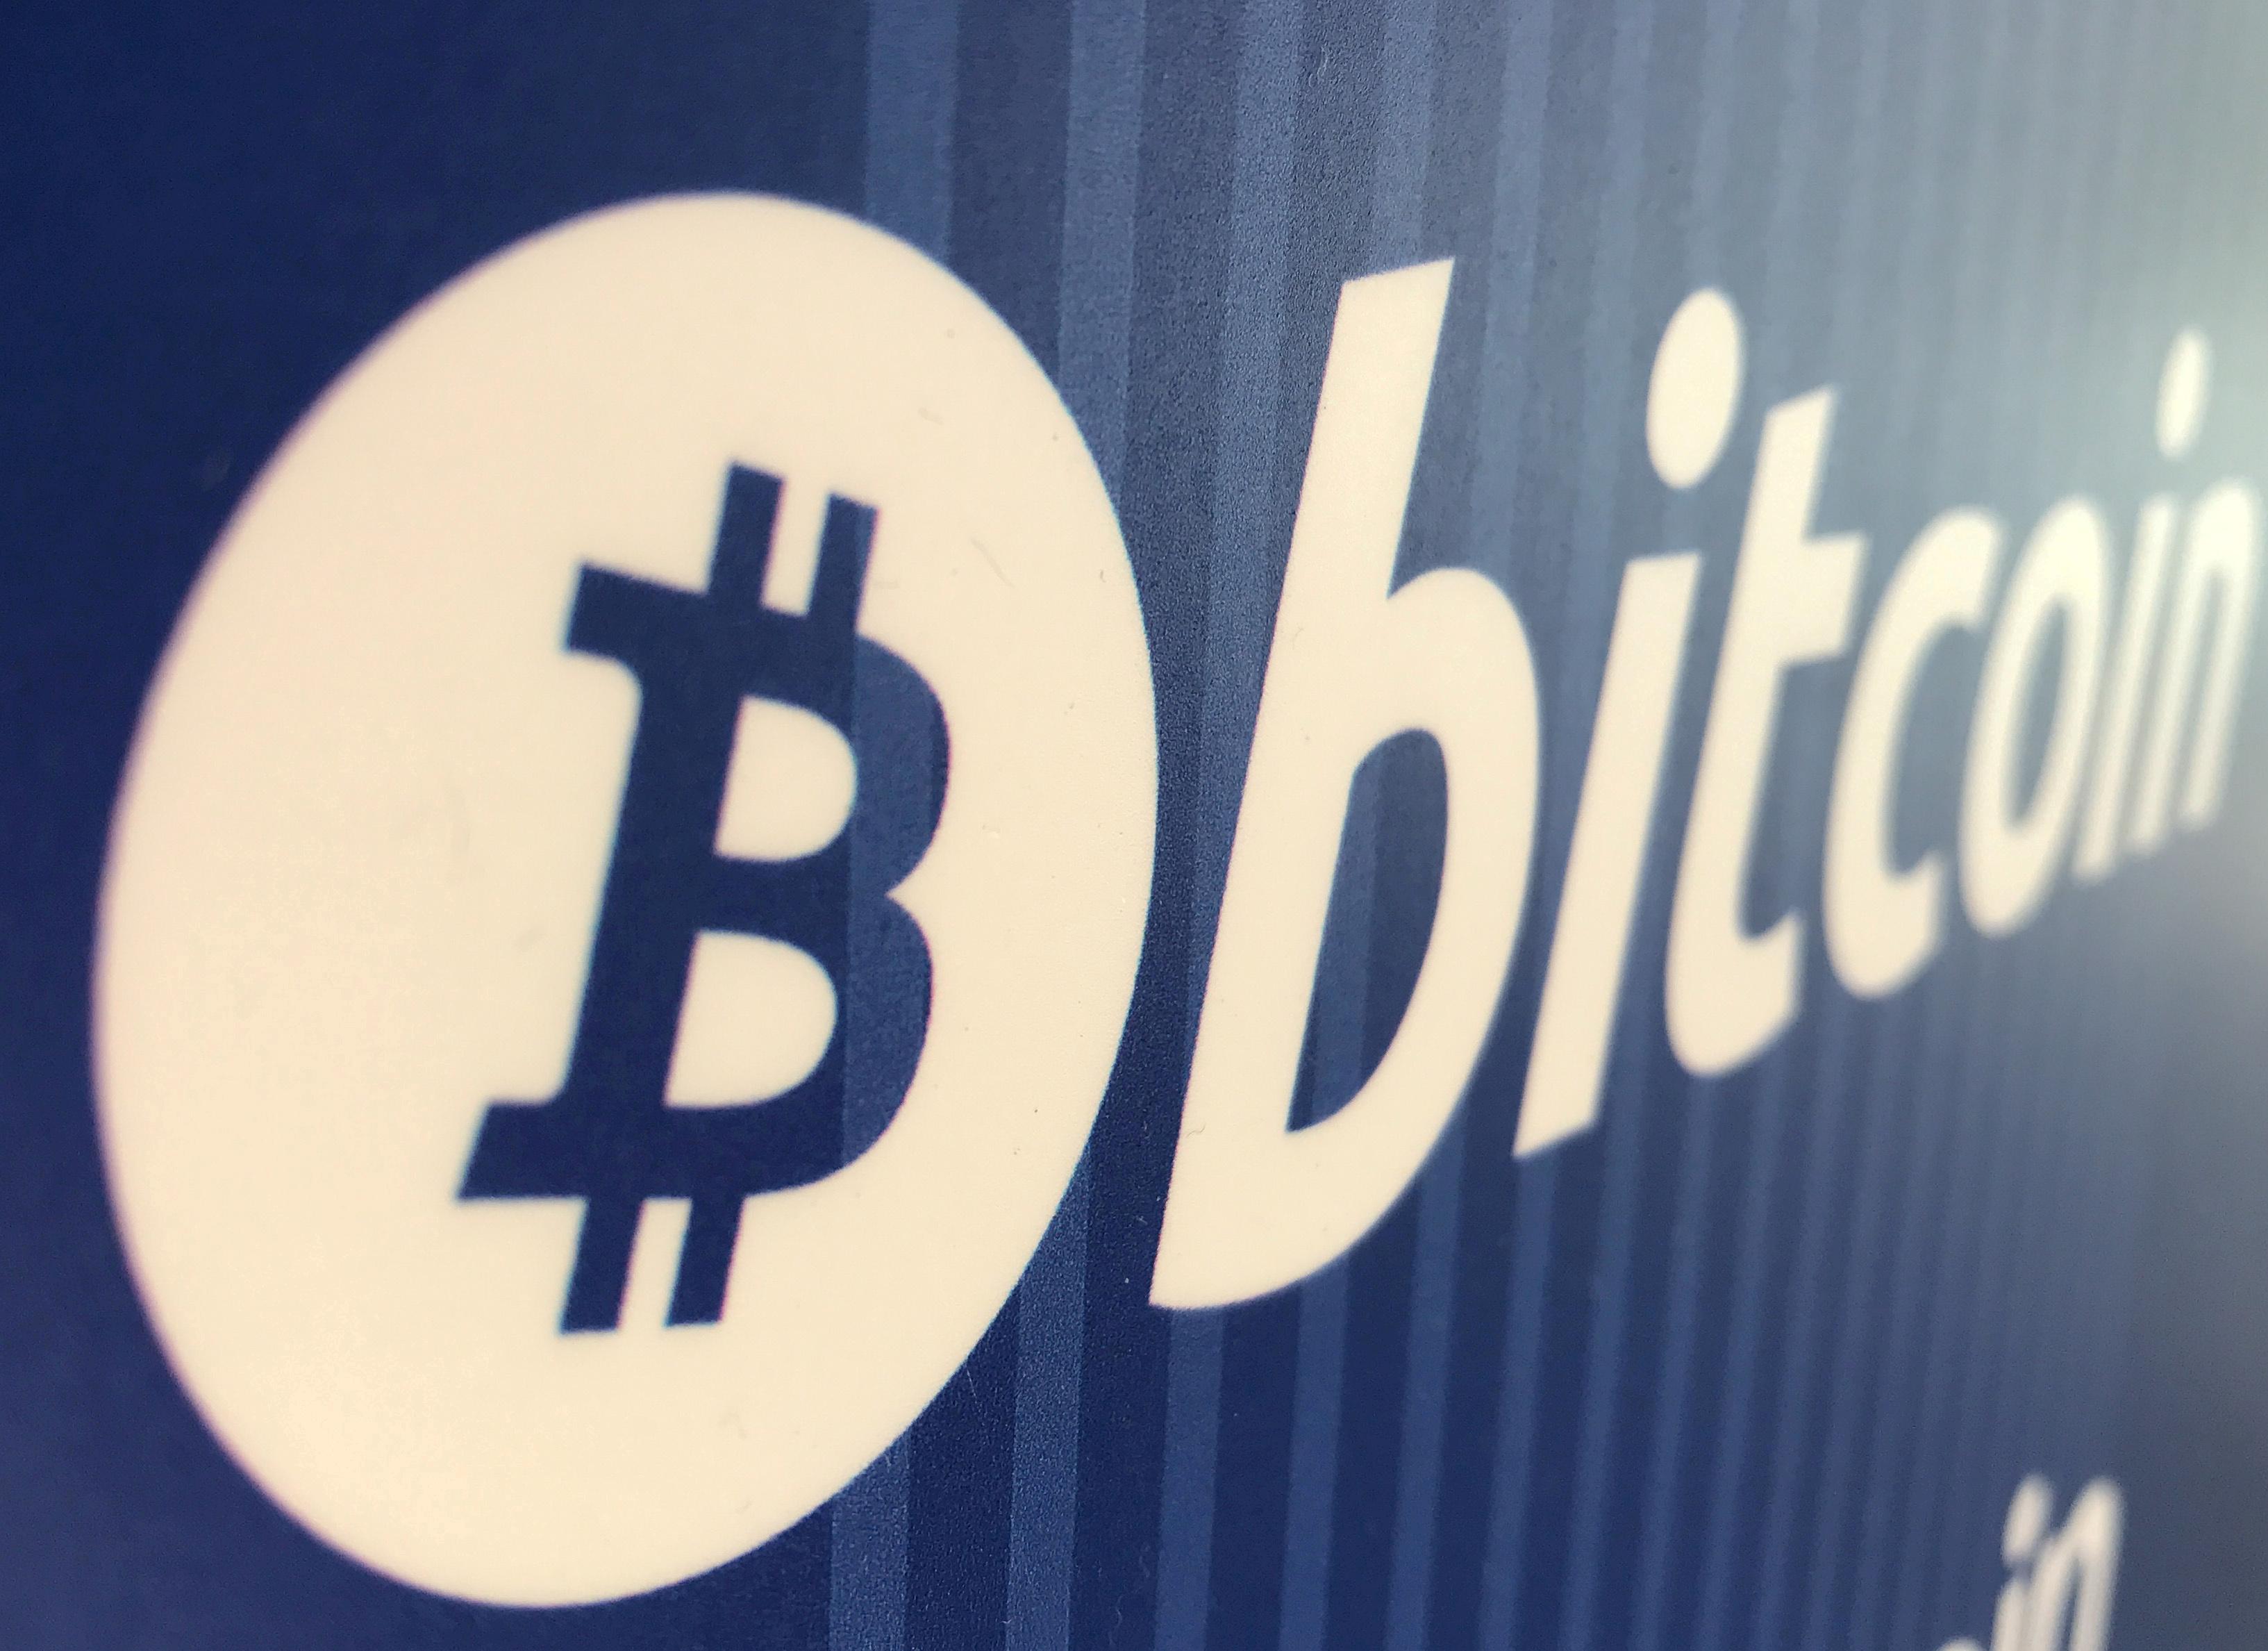 Le bitcoin repasse les 10.000 dollars pour la premières fois depuis 6 mois